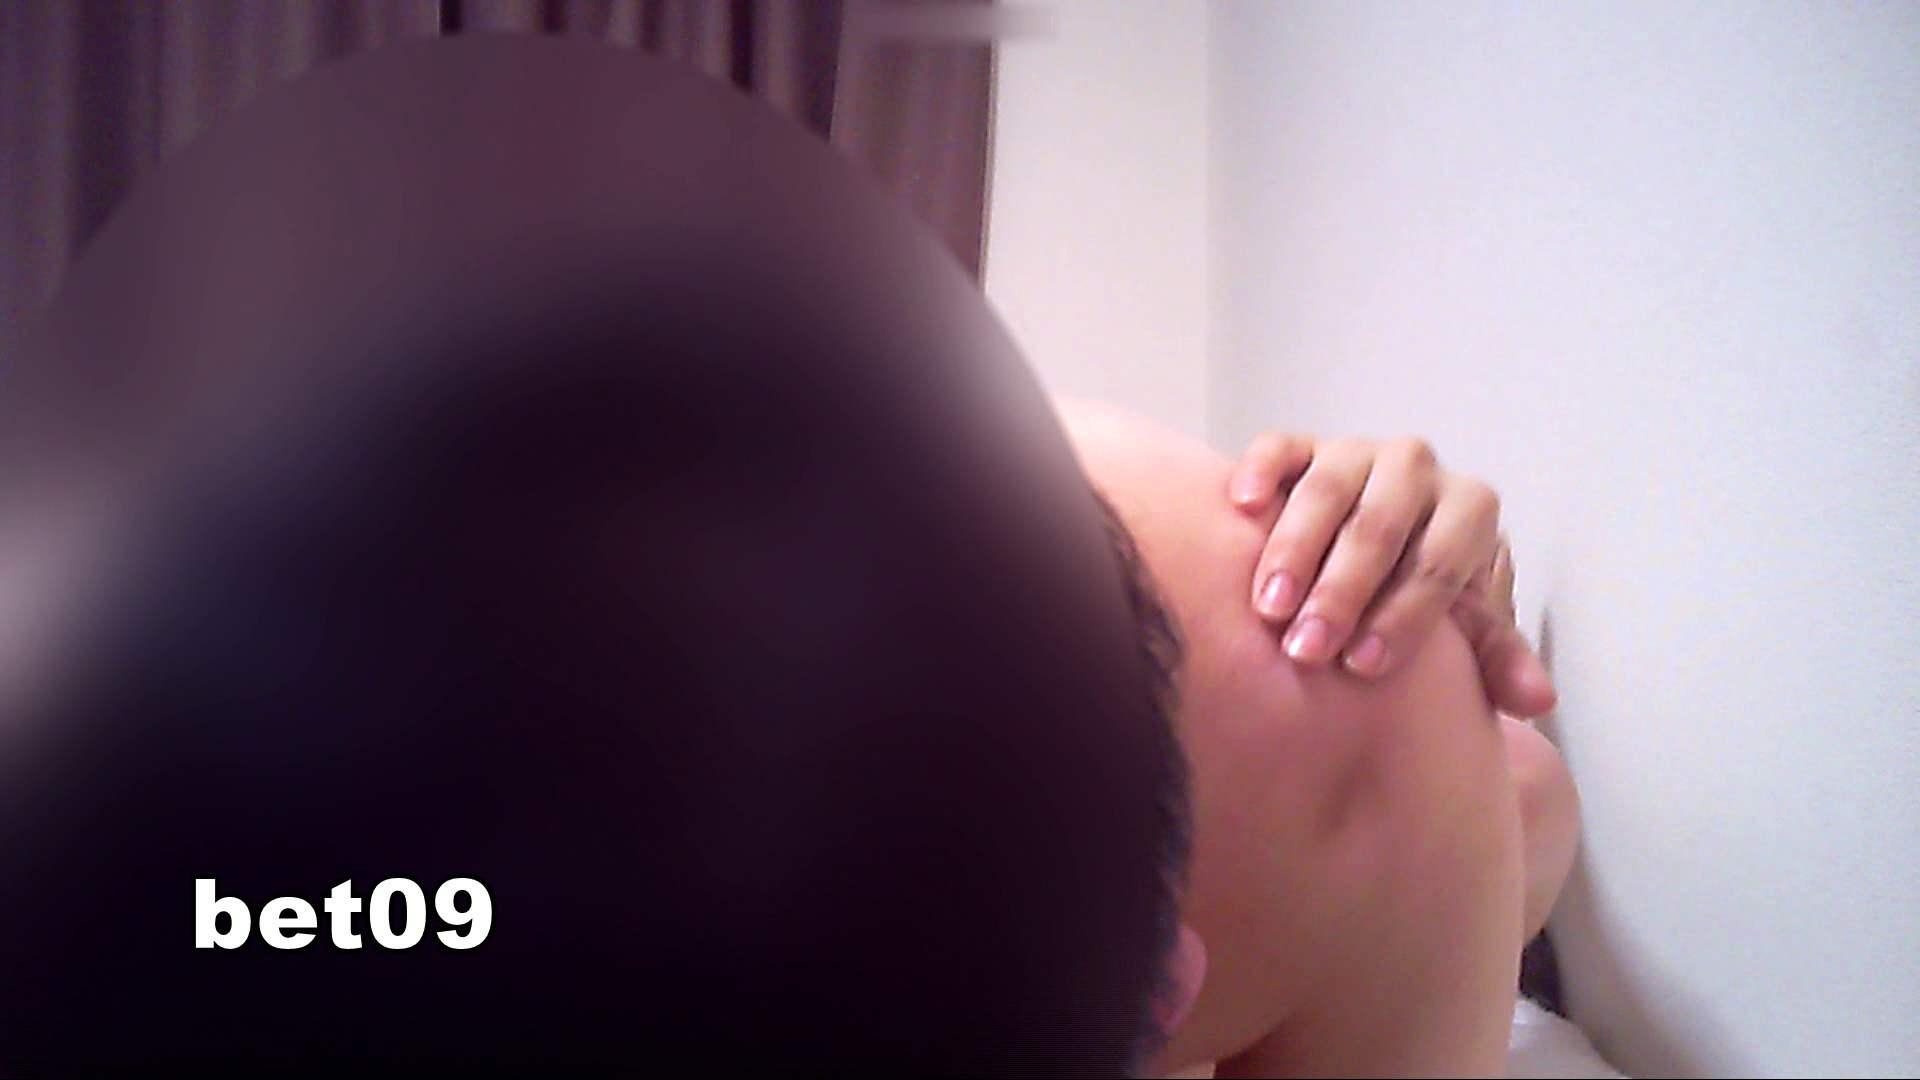 ミキ・大手旅行代理店勤務(24歳・仮名) vol.09 ミキの顔が紅潮してきます リベンジもの   フェラ・シーン  86枚 28